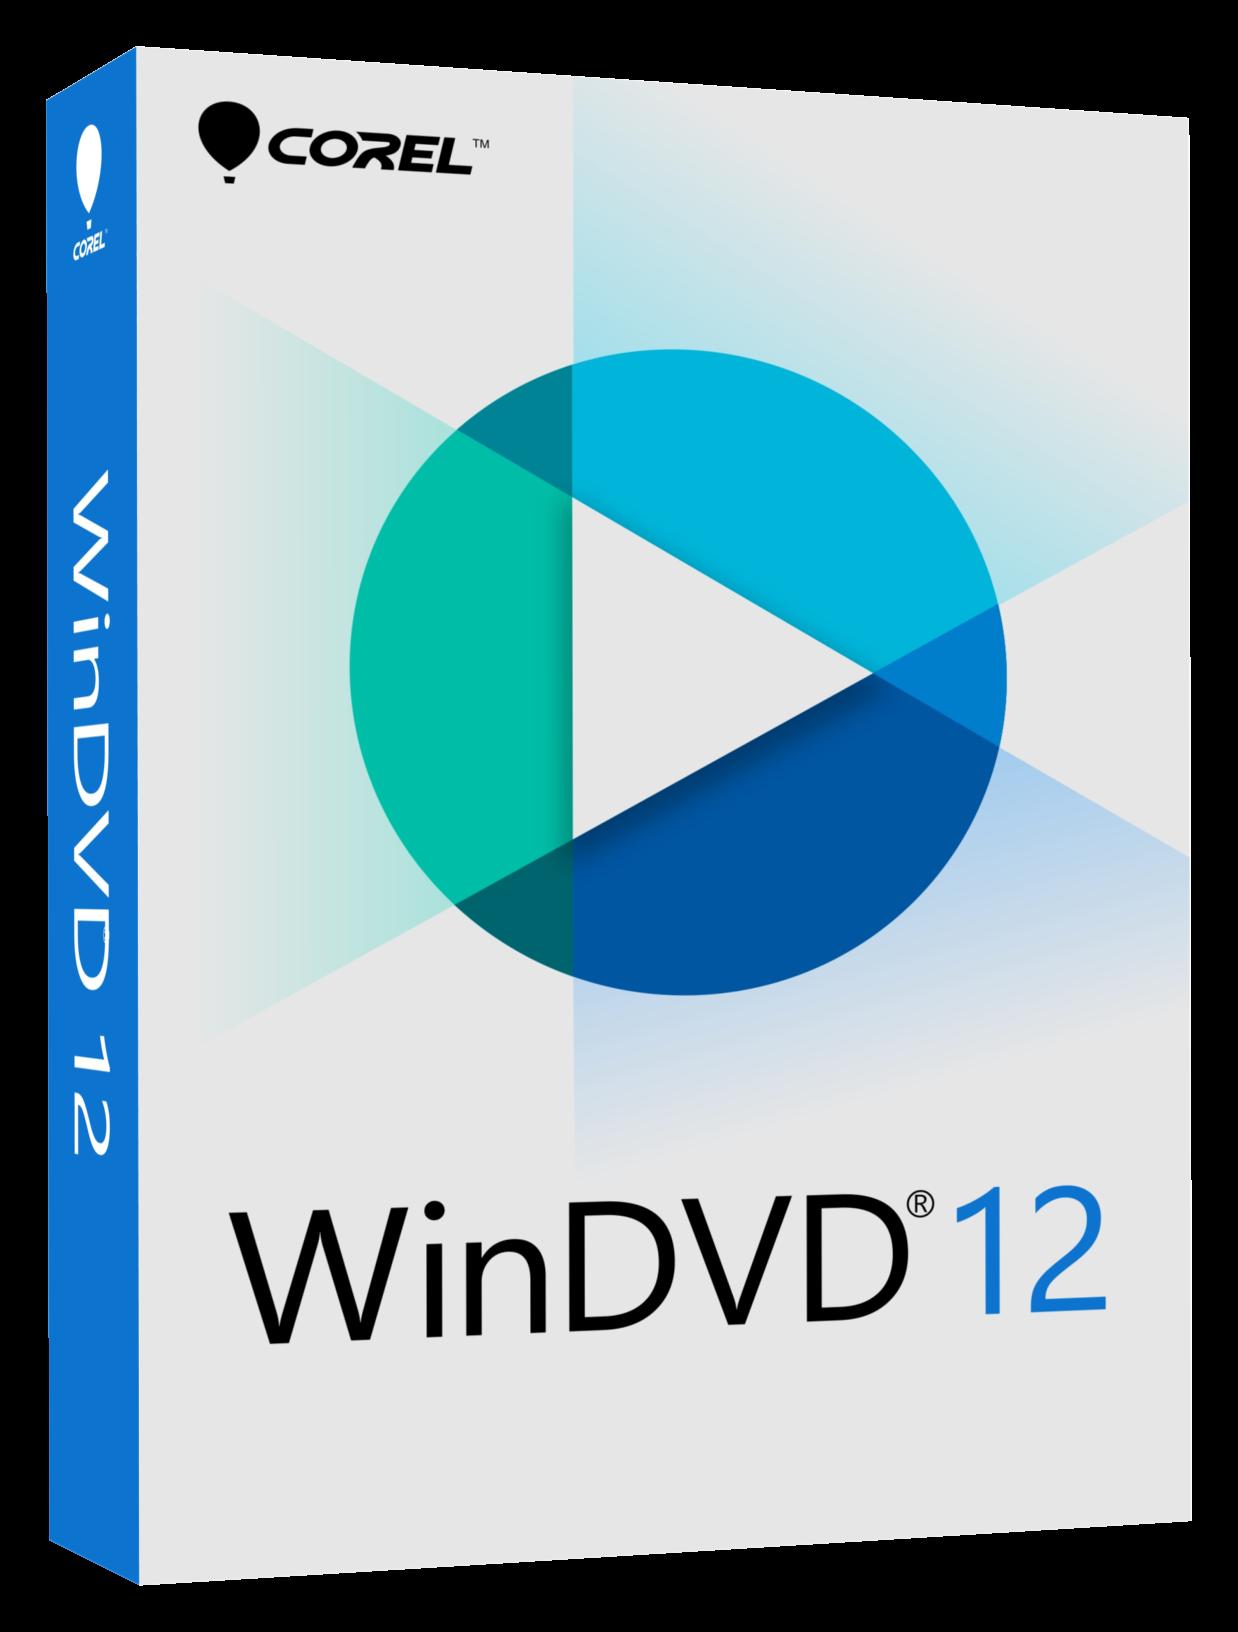 corel dvd player free